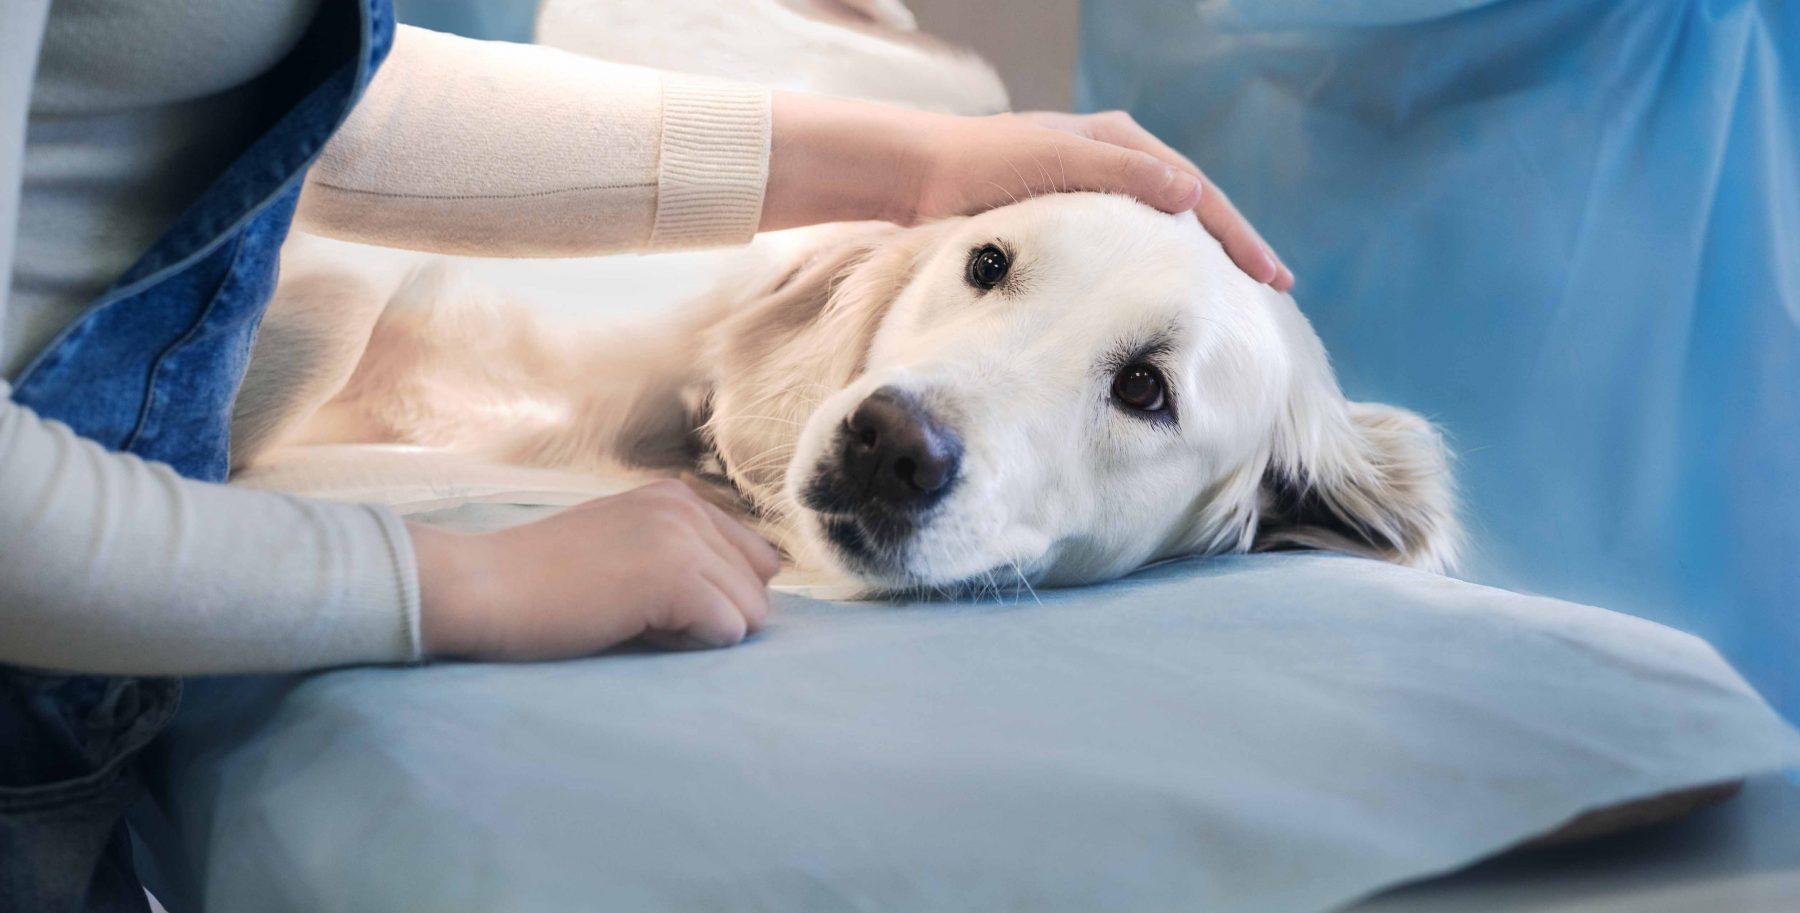 Cách chăm sóc chó sau khi triệt sản